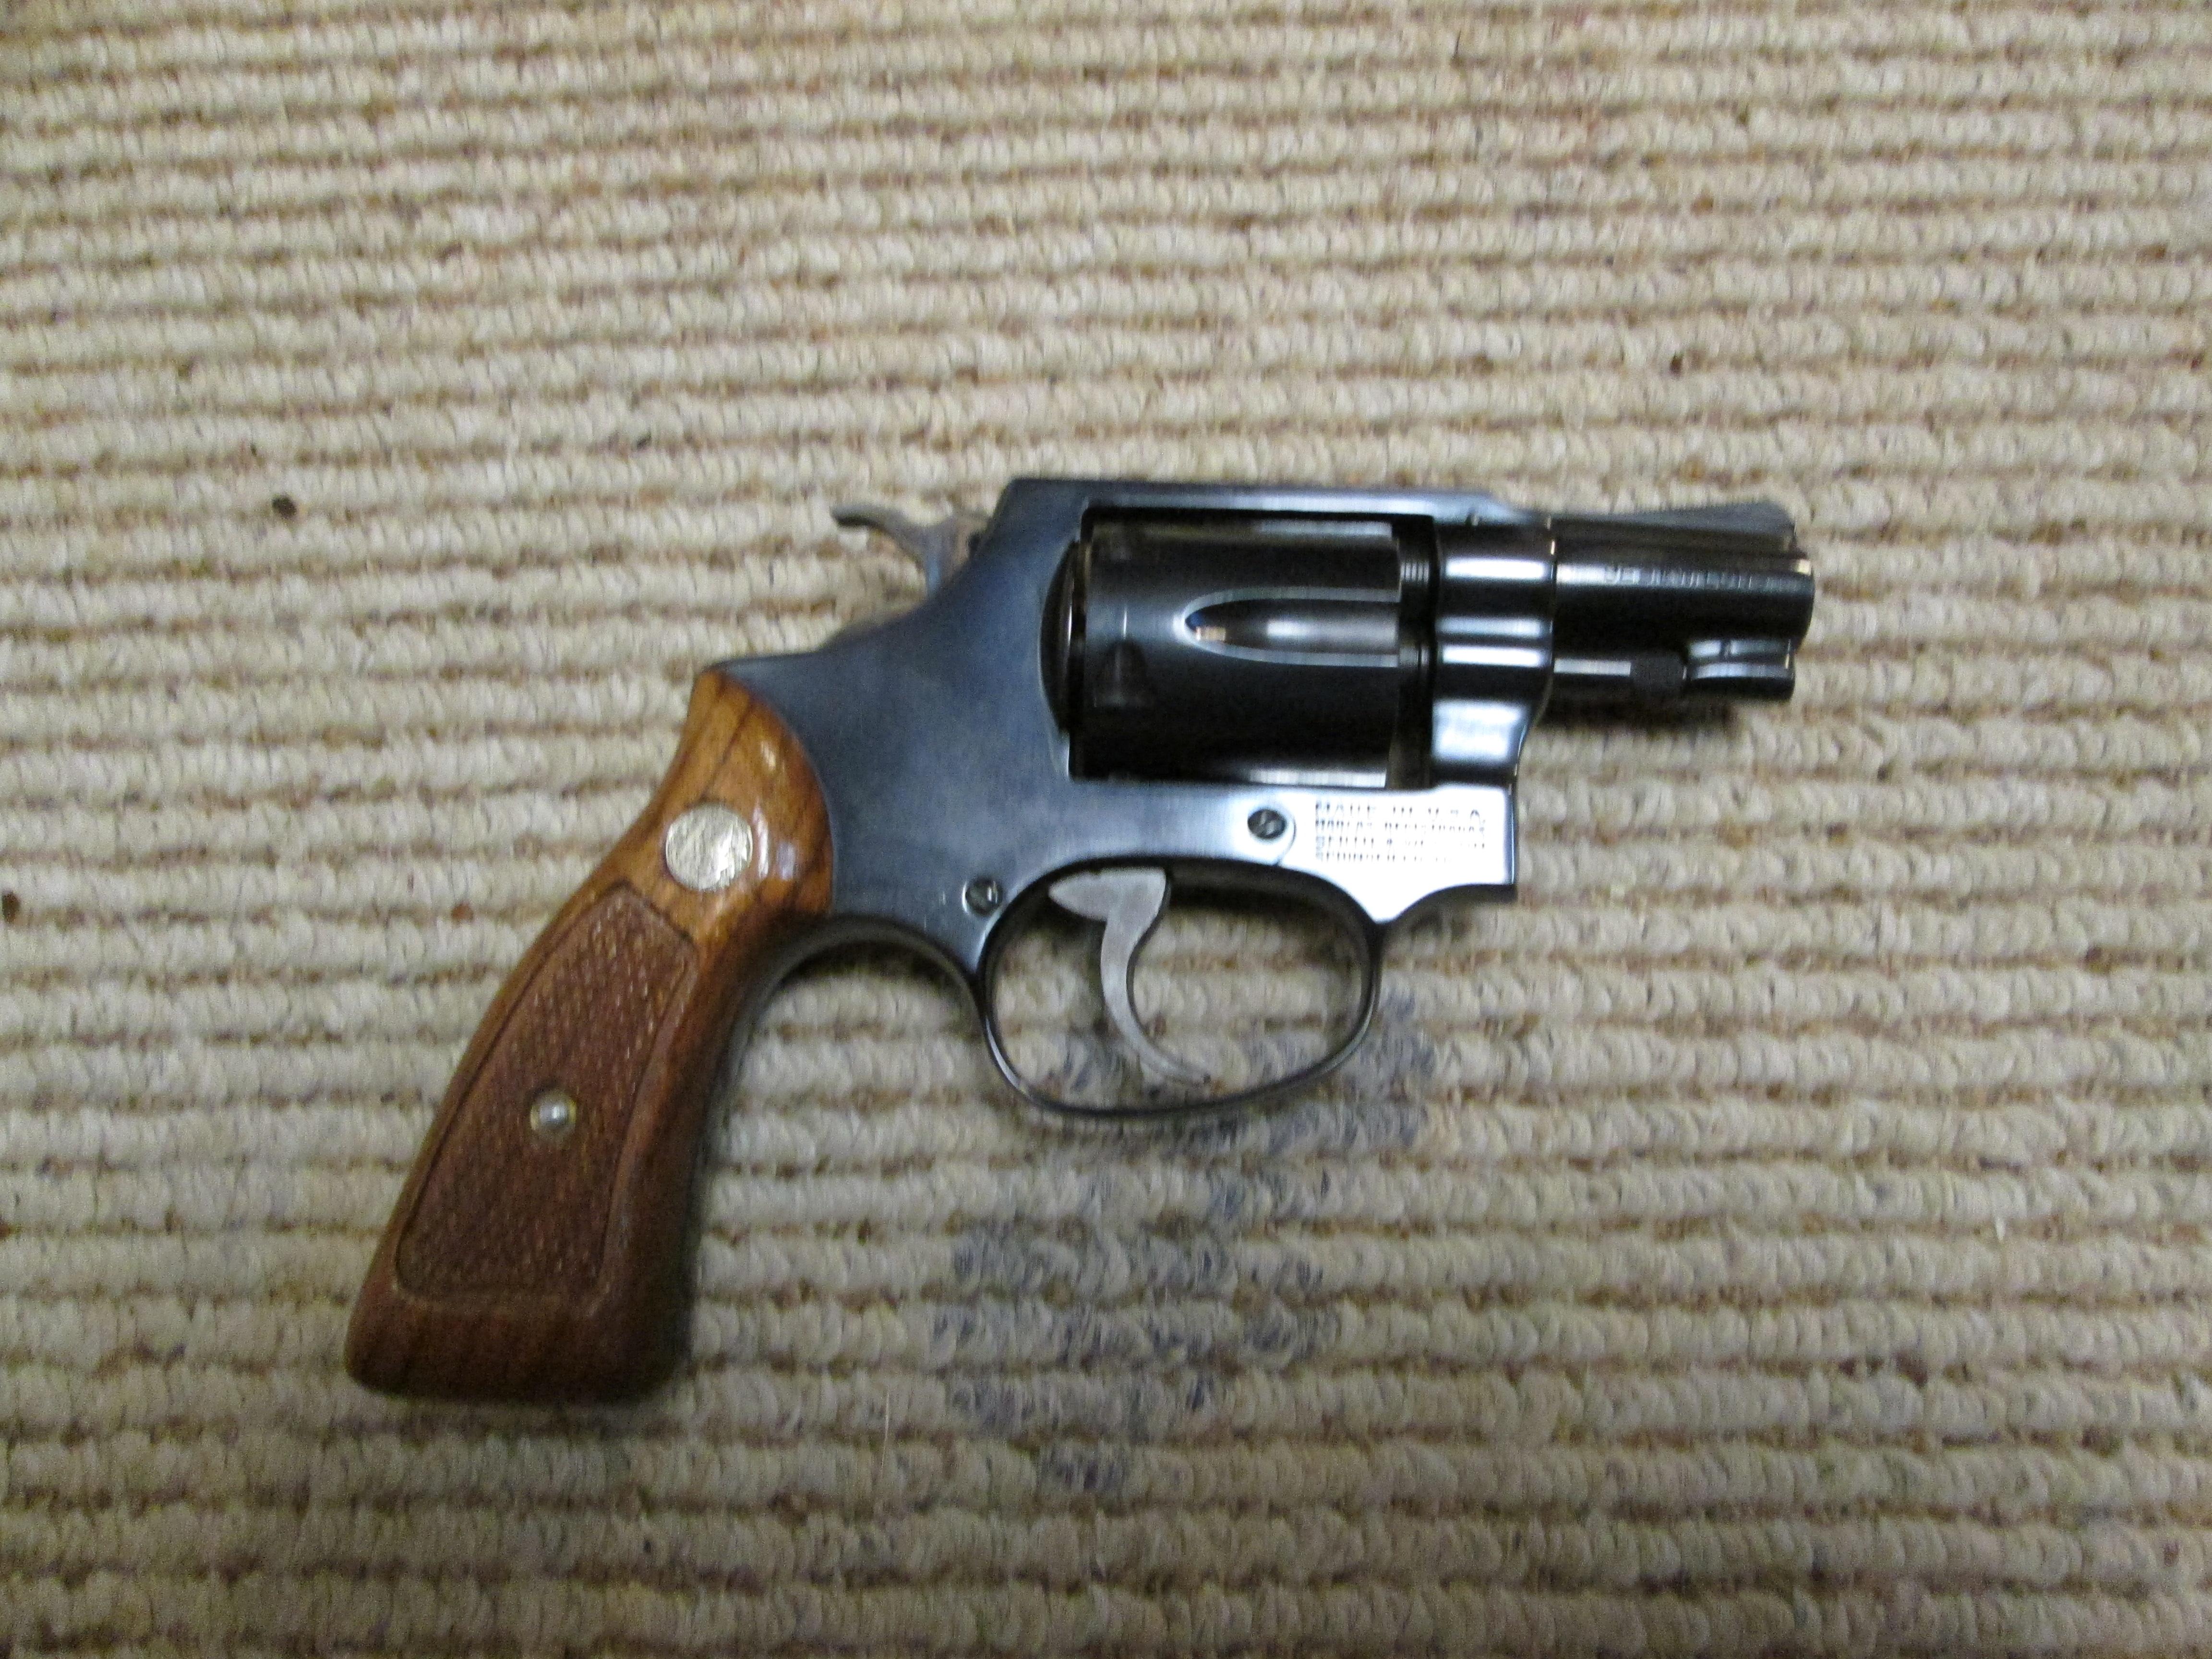 OLD vs NEW Revolvers